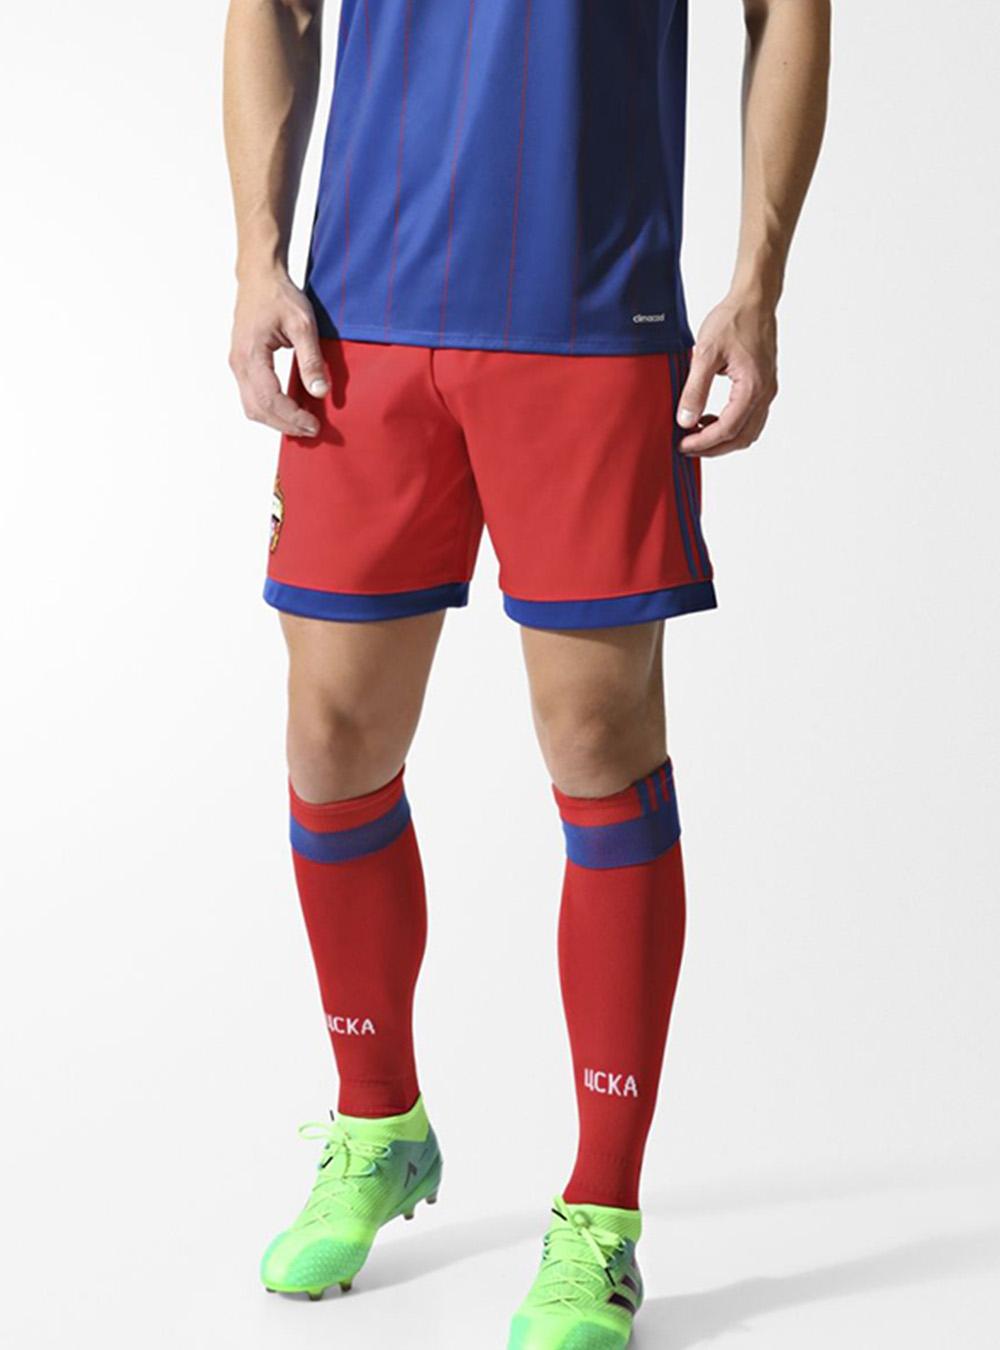 Игровые шорты домашние (оригинал), цвет красный (L)Игровая форма 2017/2018<br>Игровые шорты домашние (оригинал), цвет красный<br>